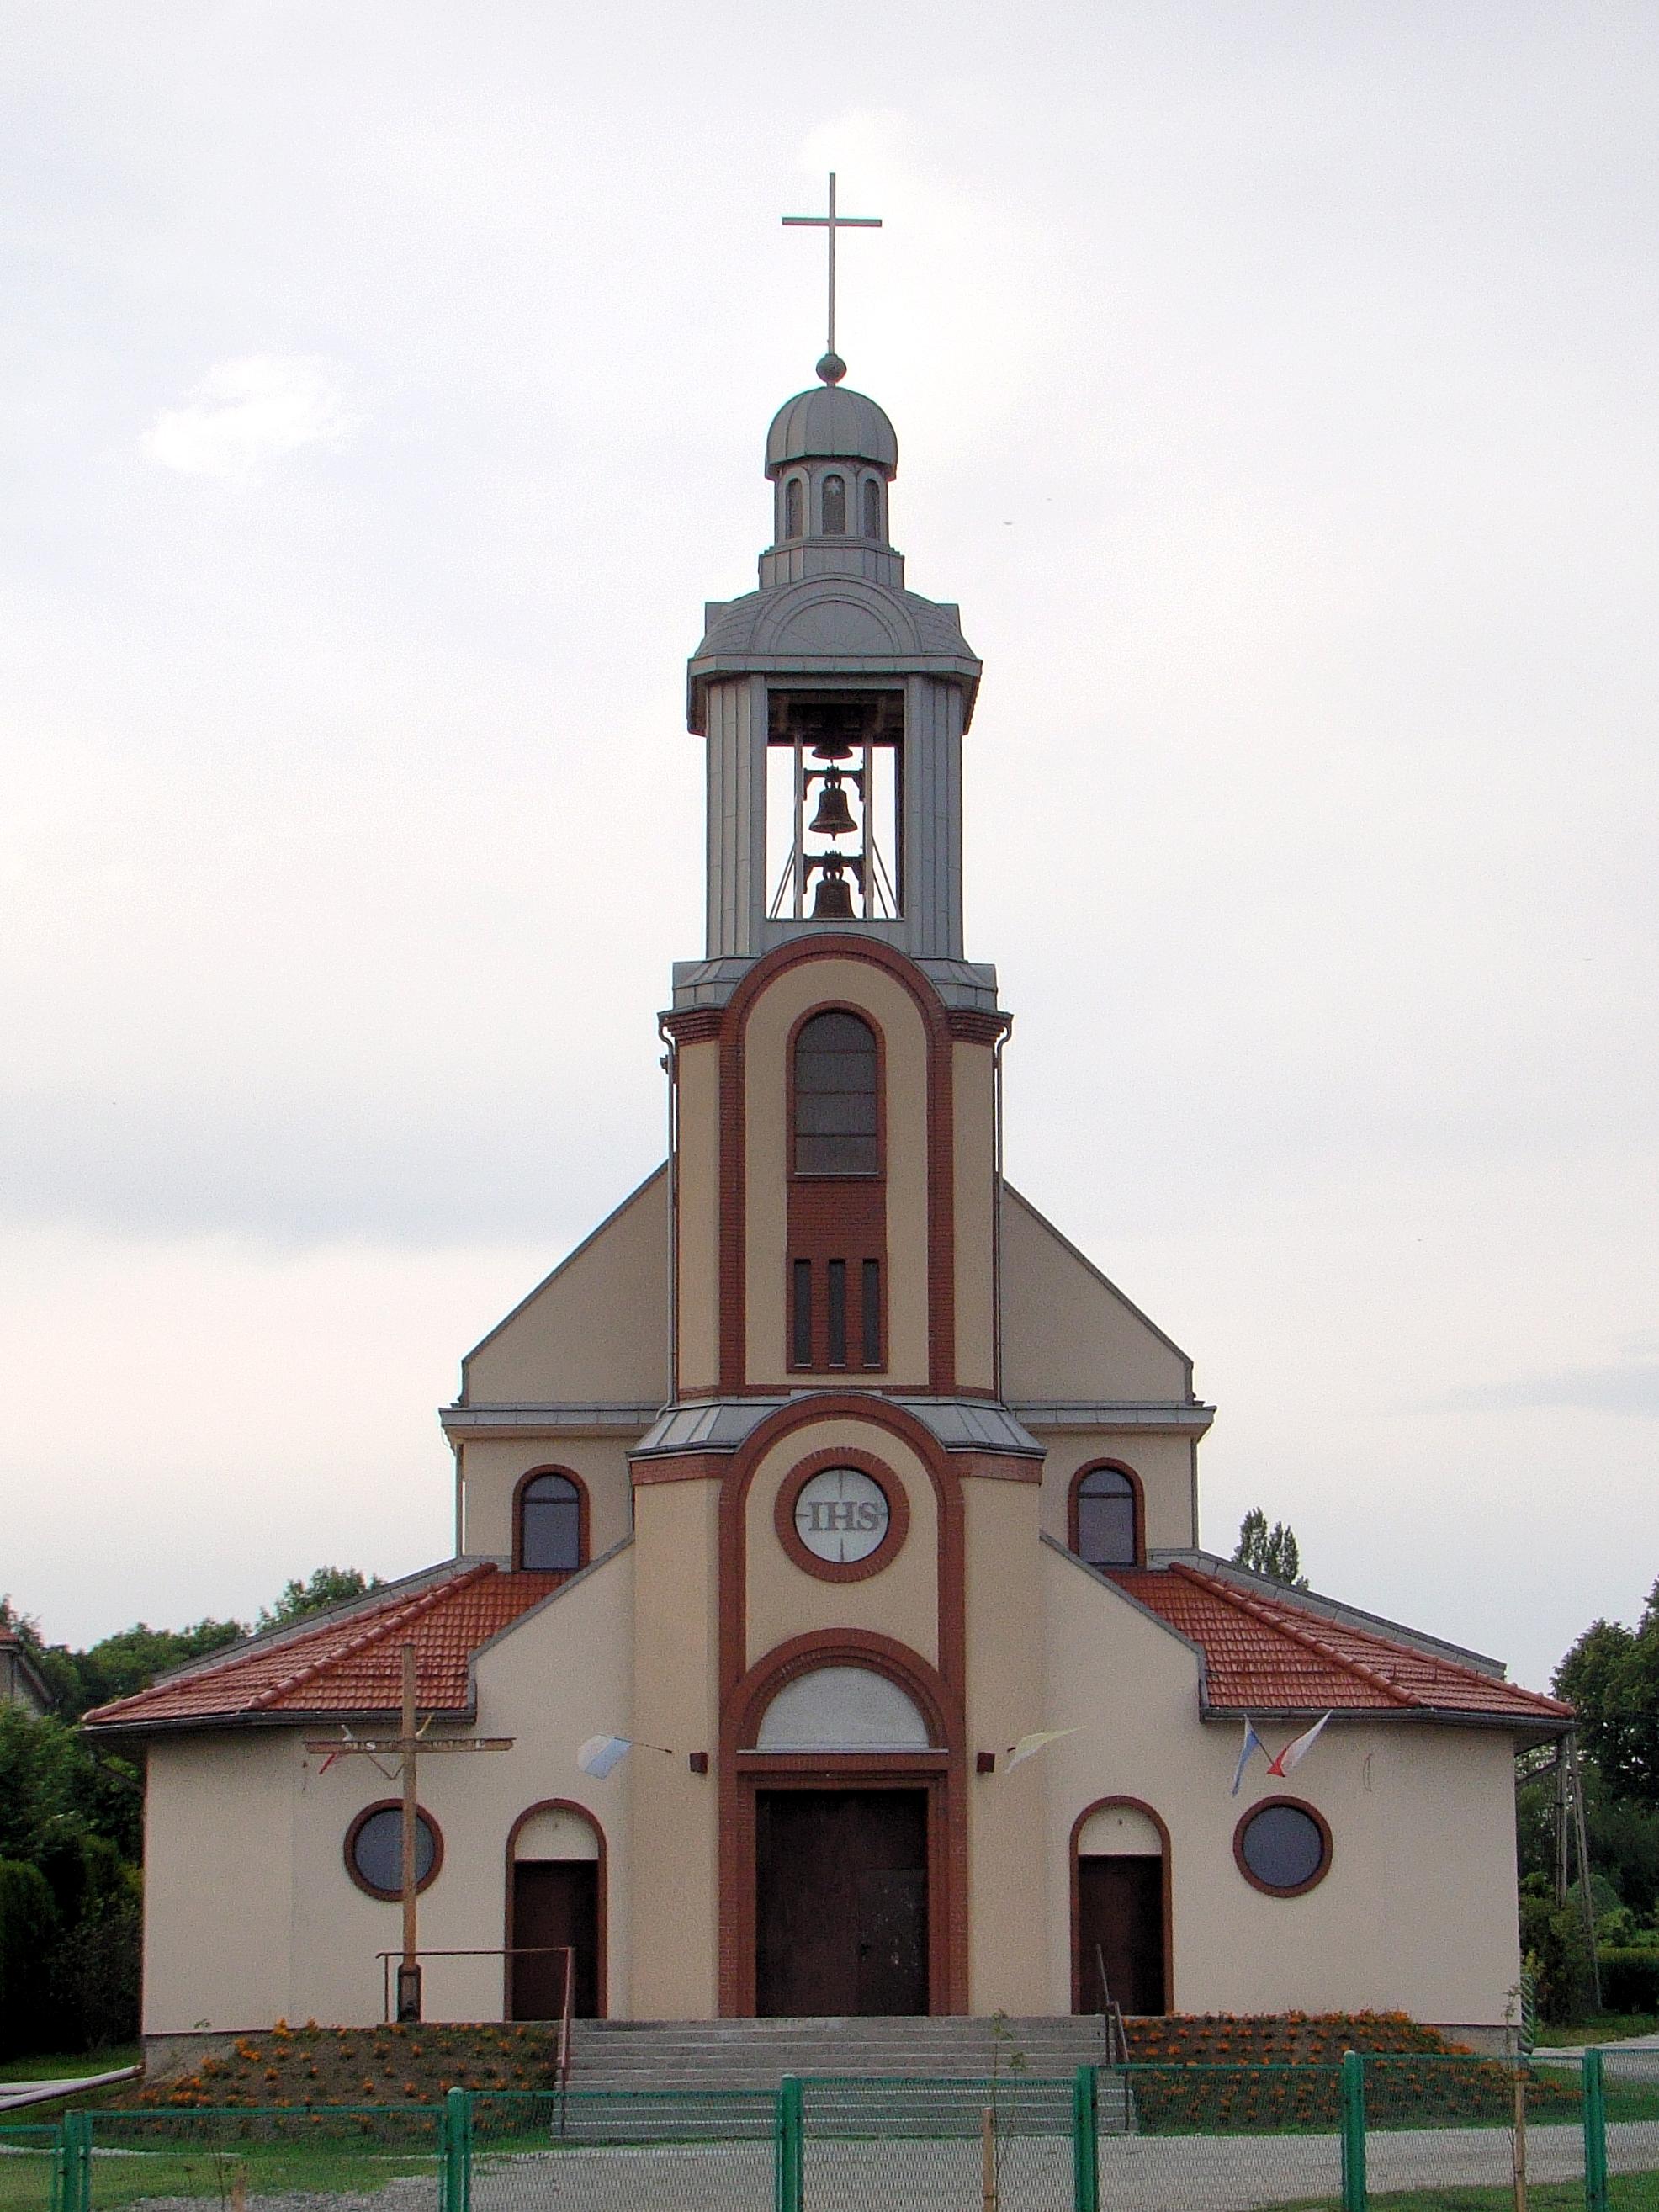 Wizytacja w Parafii pw. Matki Bożej Wspomożenia Wiernych w Prusach